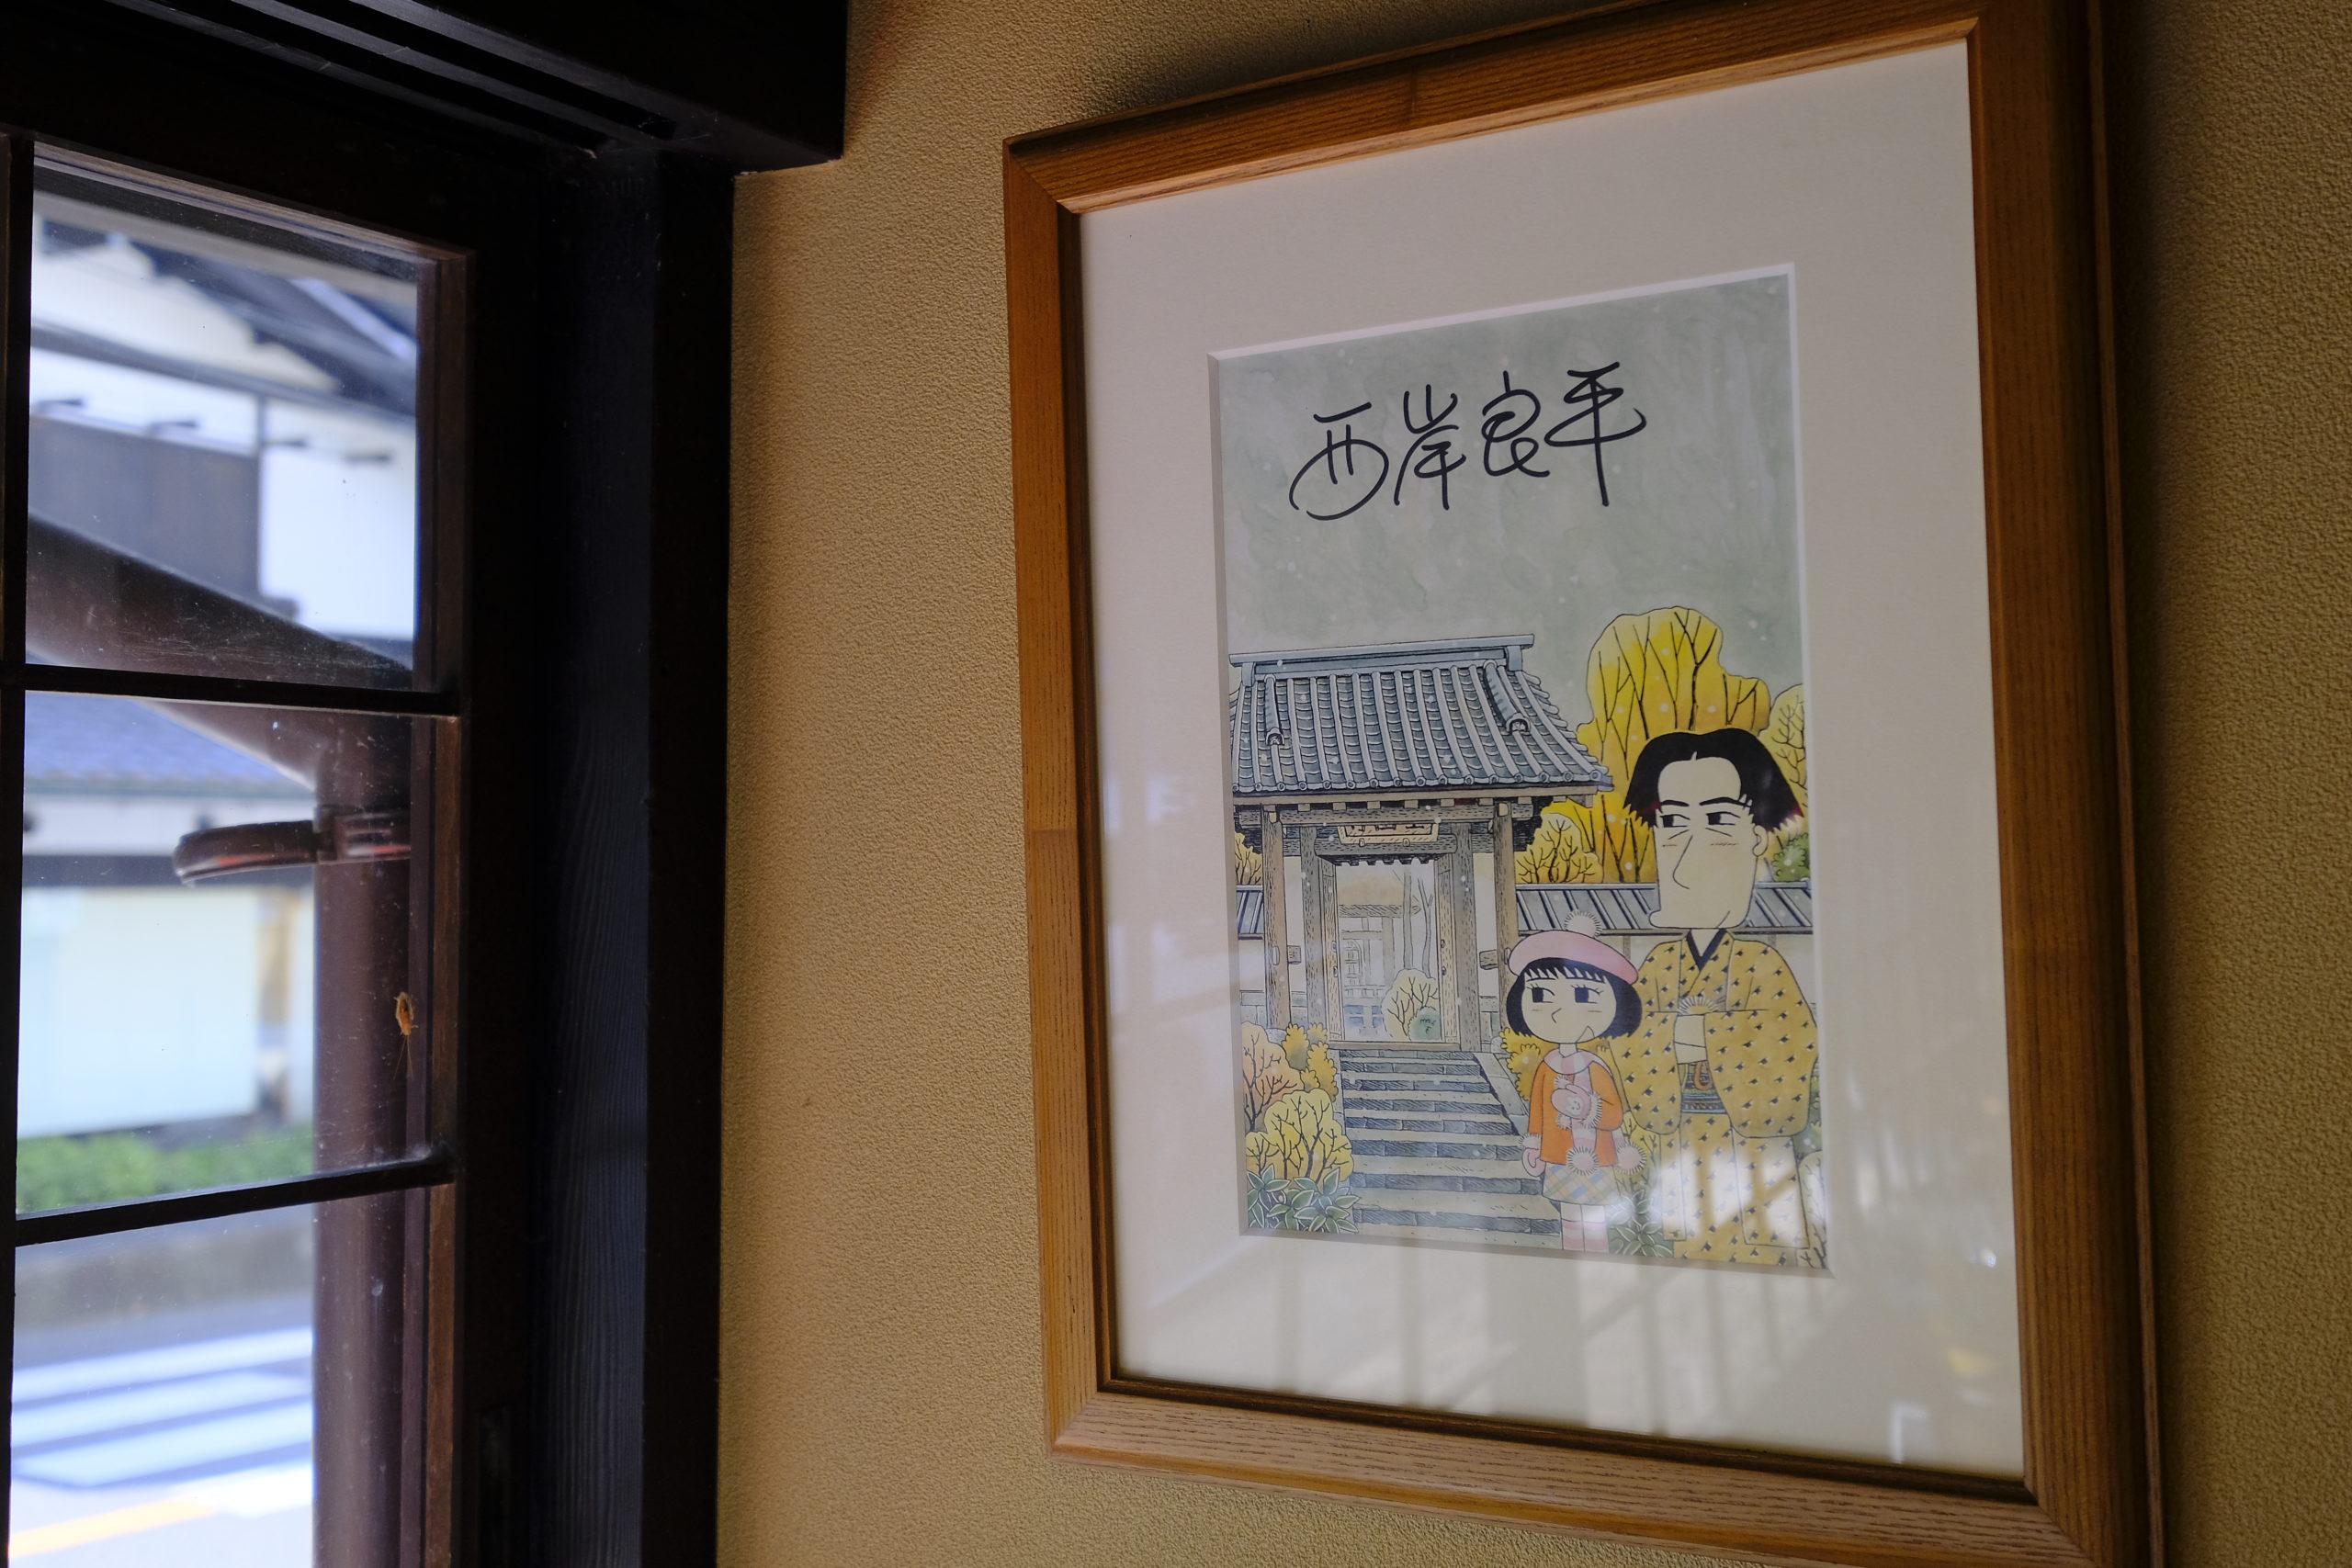 漫画「鎌倉ものがたり」西岸良平氏のサインイラスト